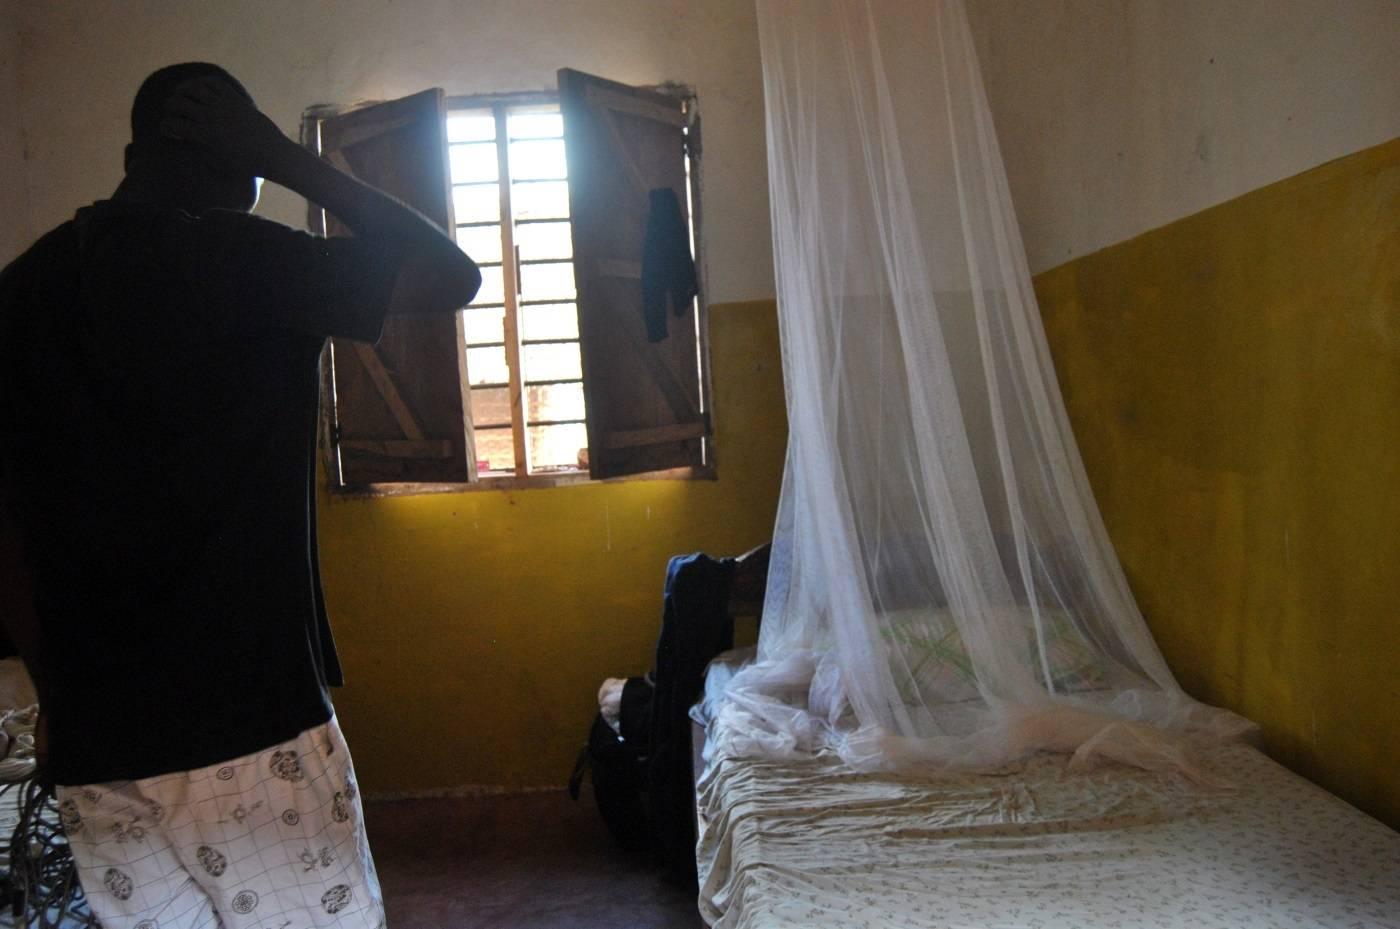 Atiradores sequestram italiana e deixam crianças feridas no Quênia